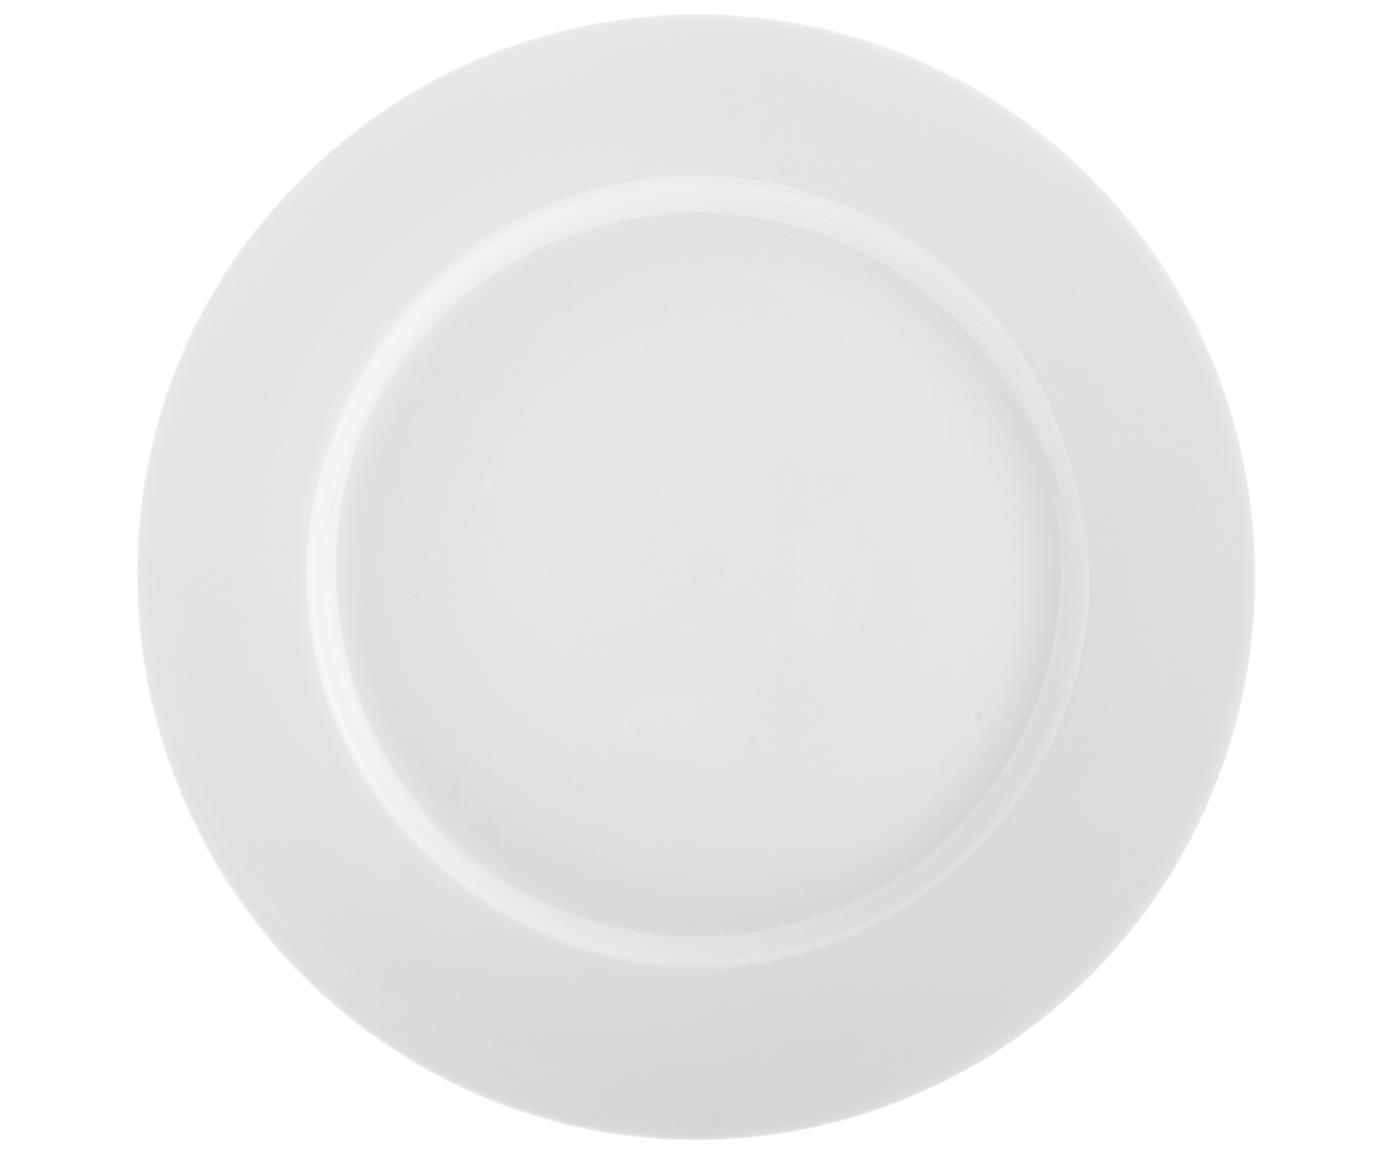 Piatto da colazione Delight Classic 2 pz, Porcellana, Bianco, Ø 23 cm